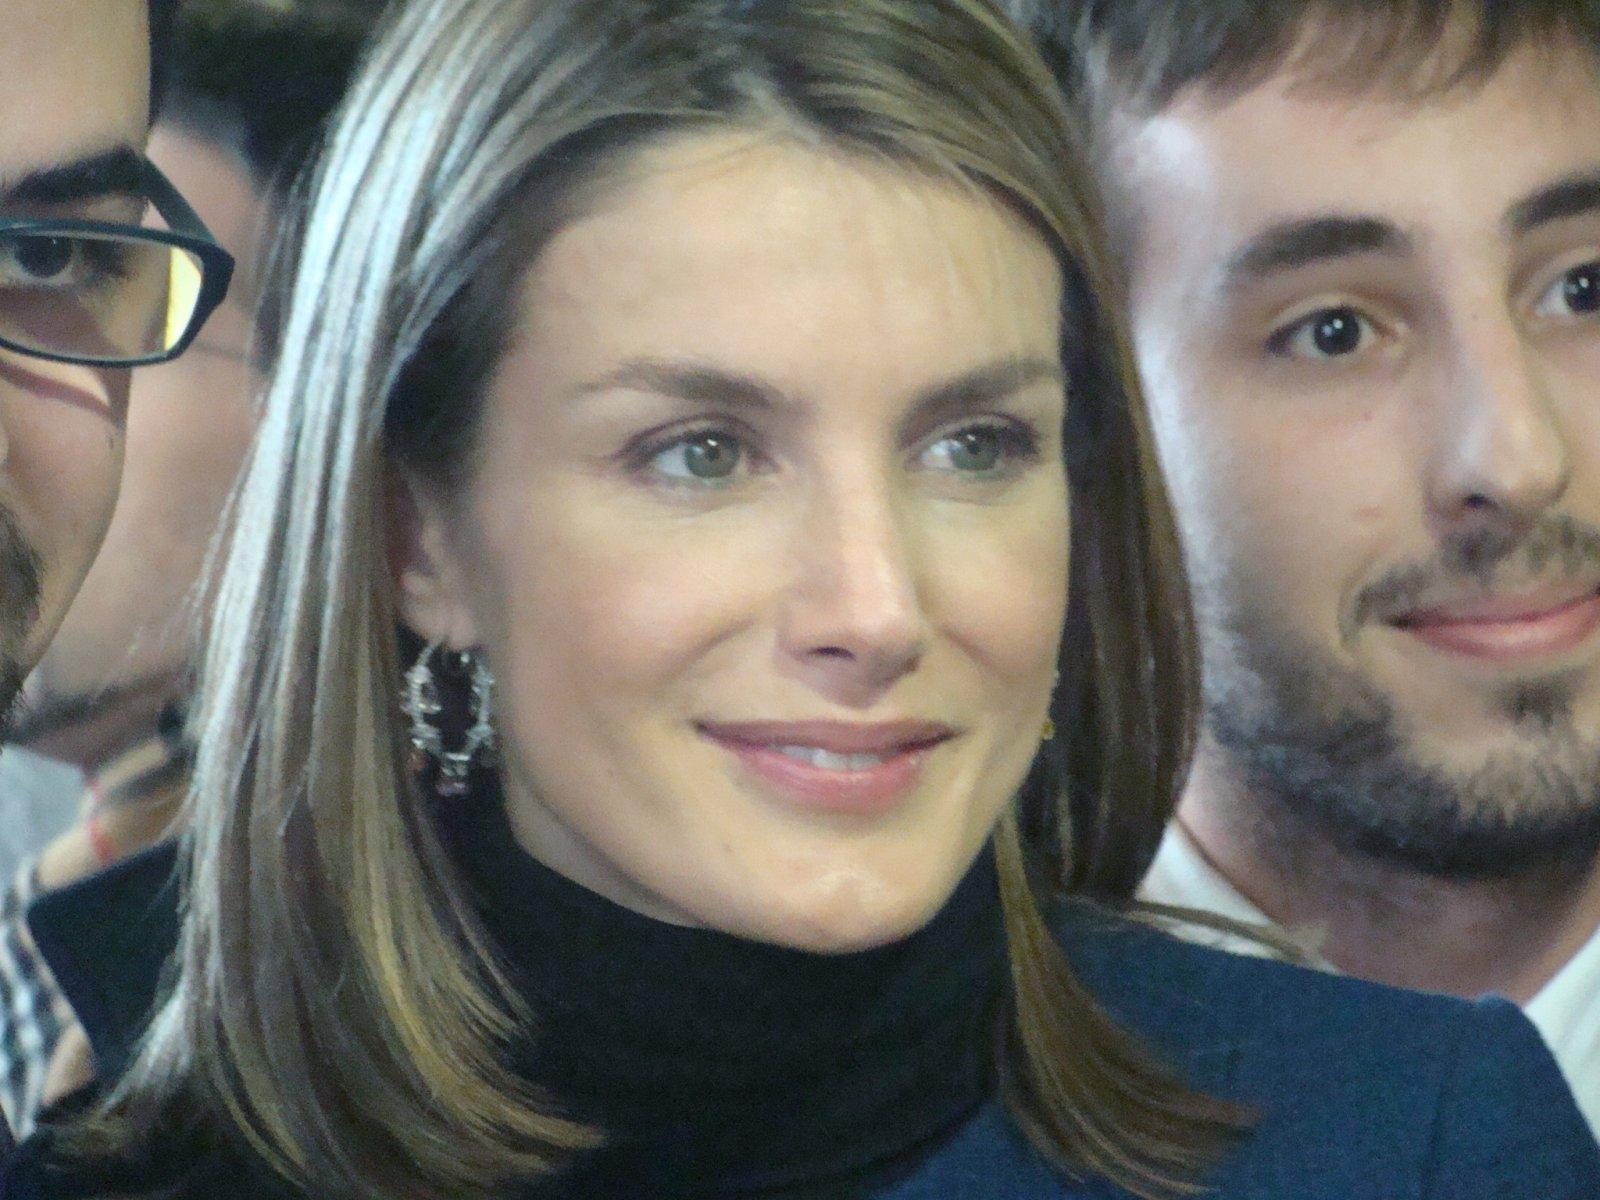 leticia rocasolano: